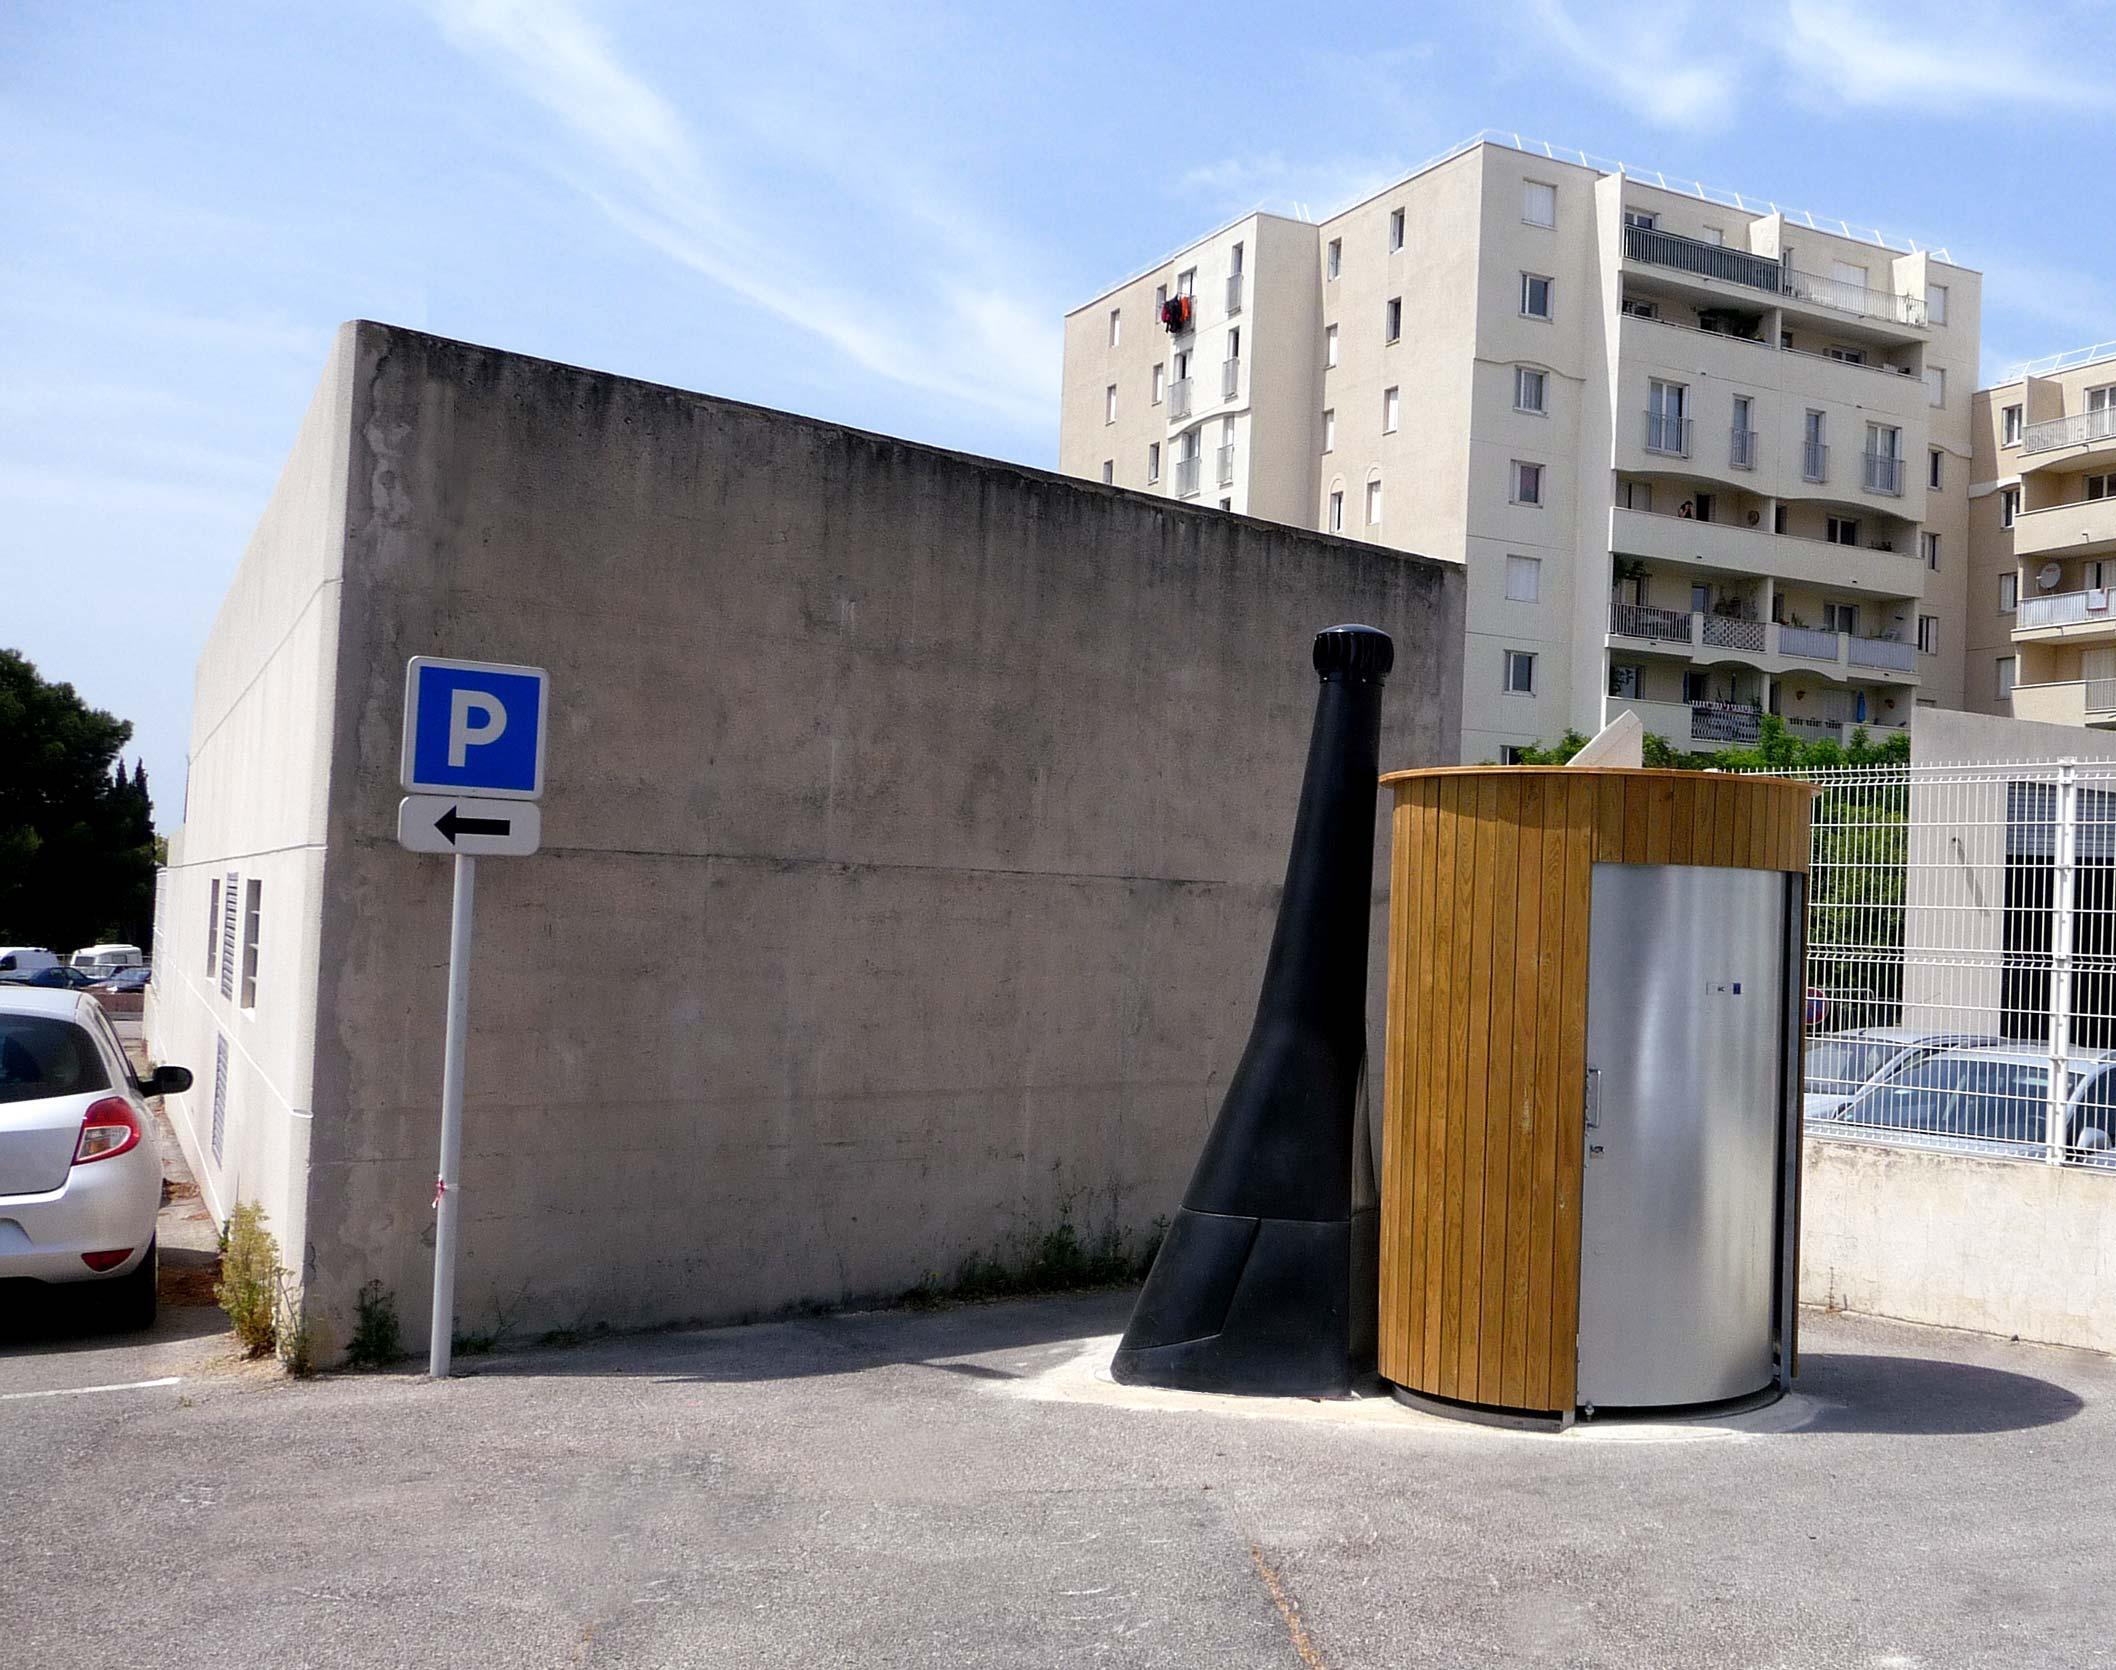 Comune Di Lana Bz il sistema di toilette autonoma a secco